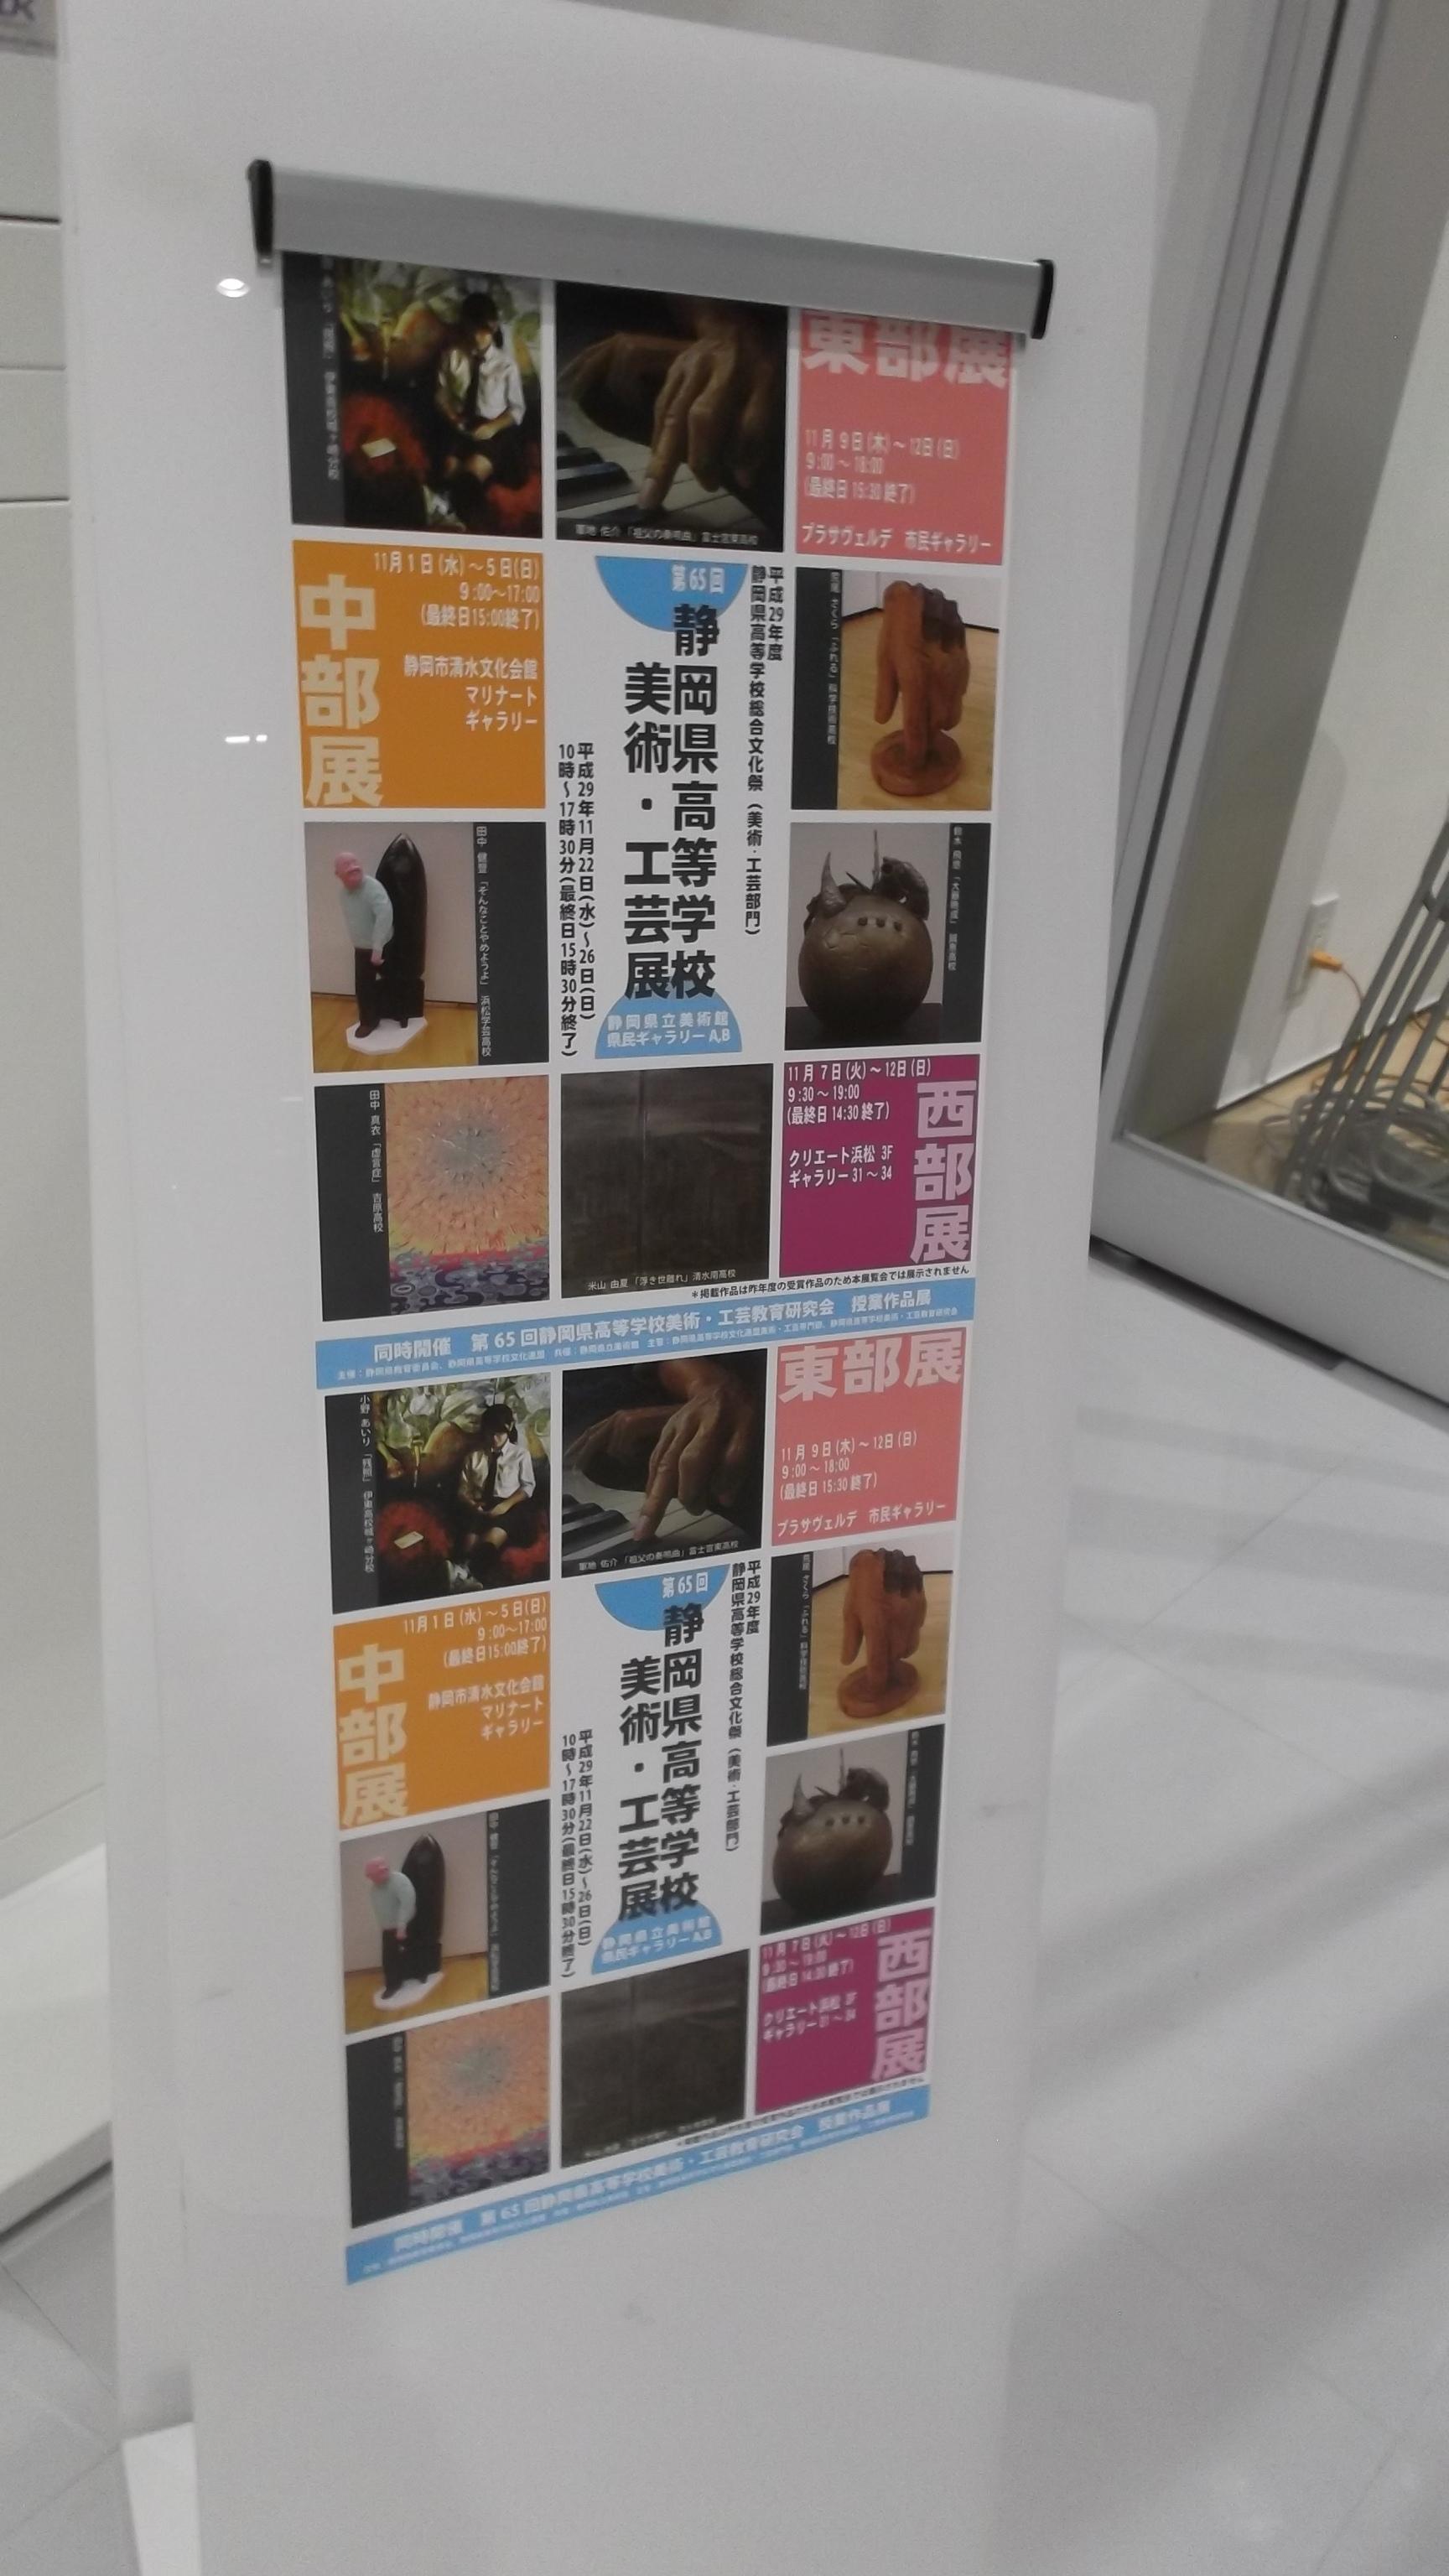 静岡県高等学校総合文化祭美術・工芸展東部展